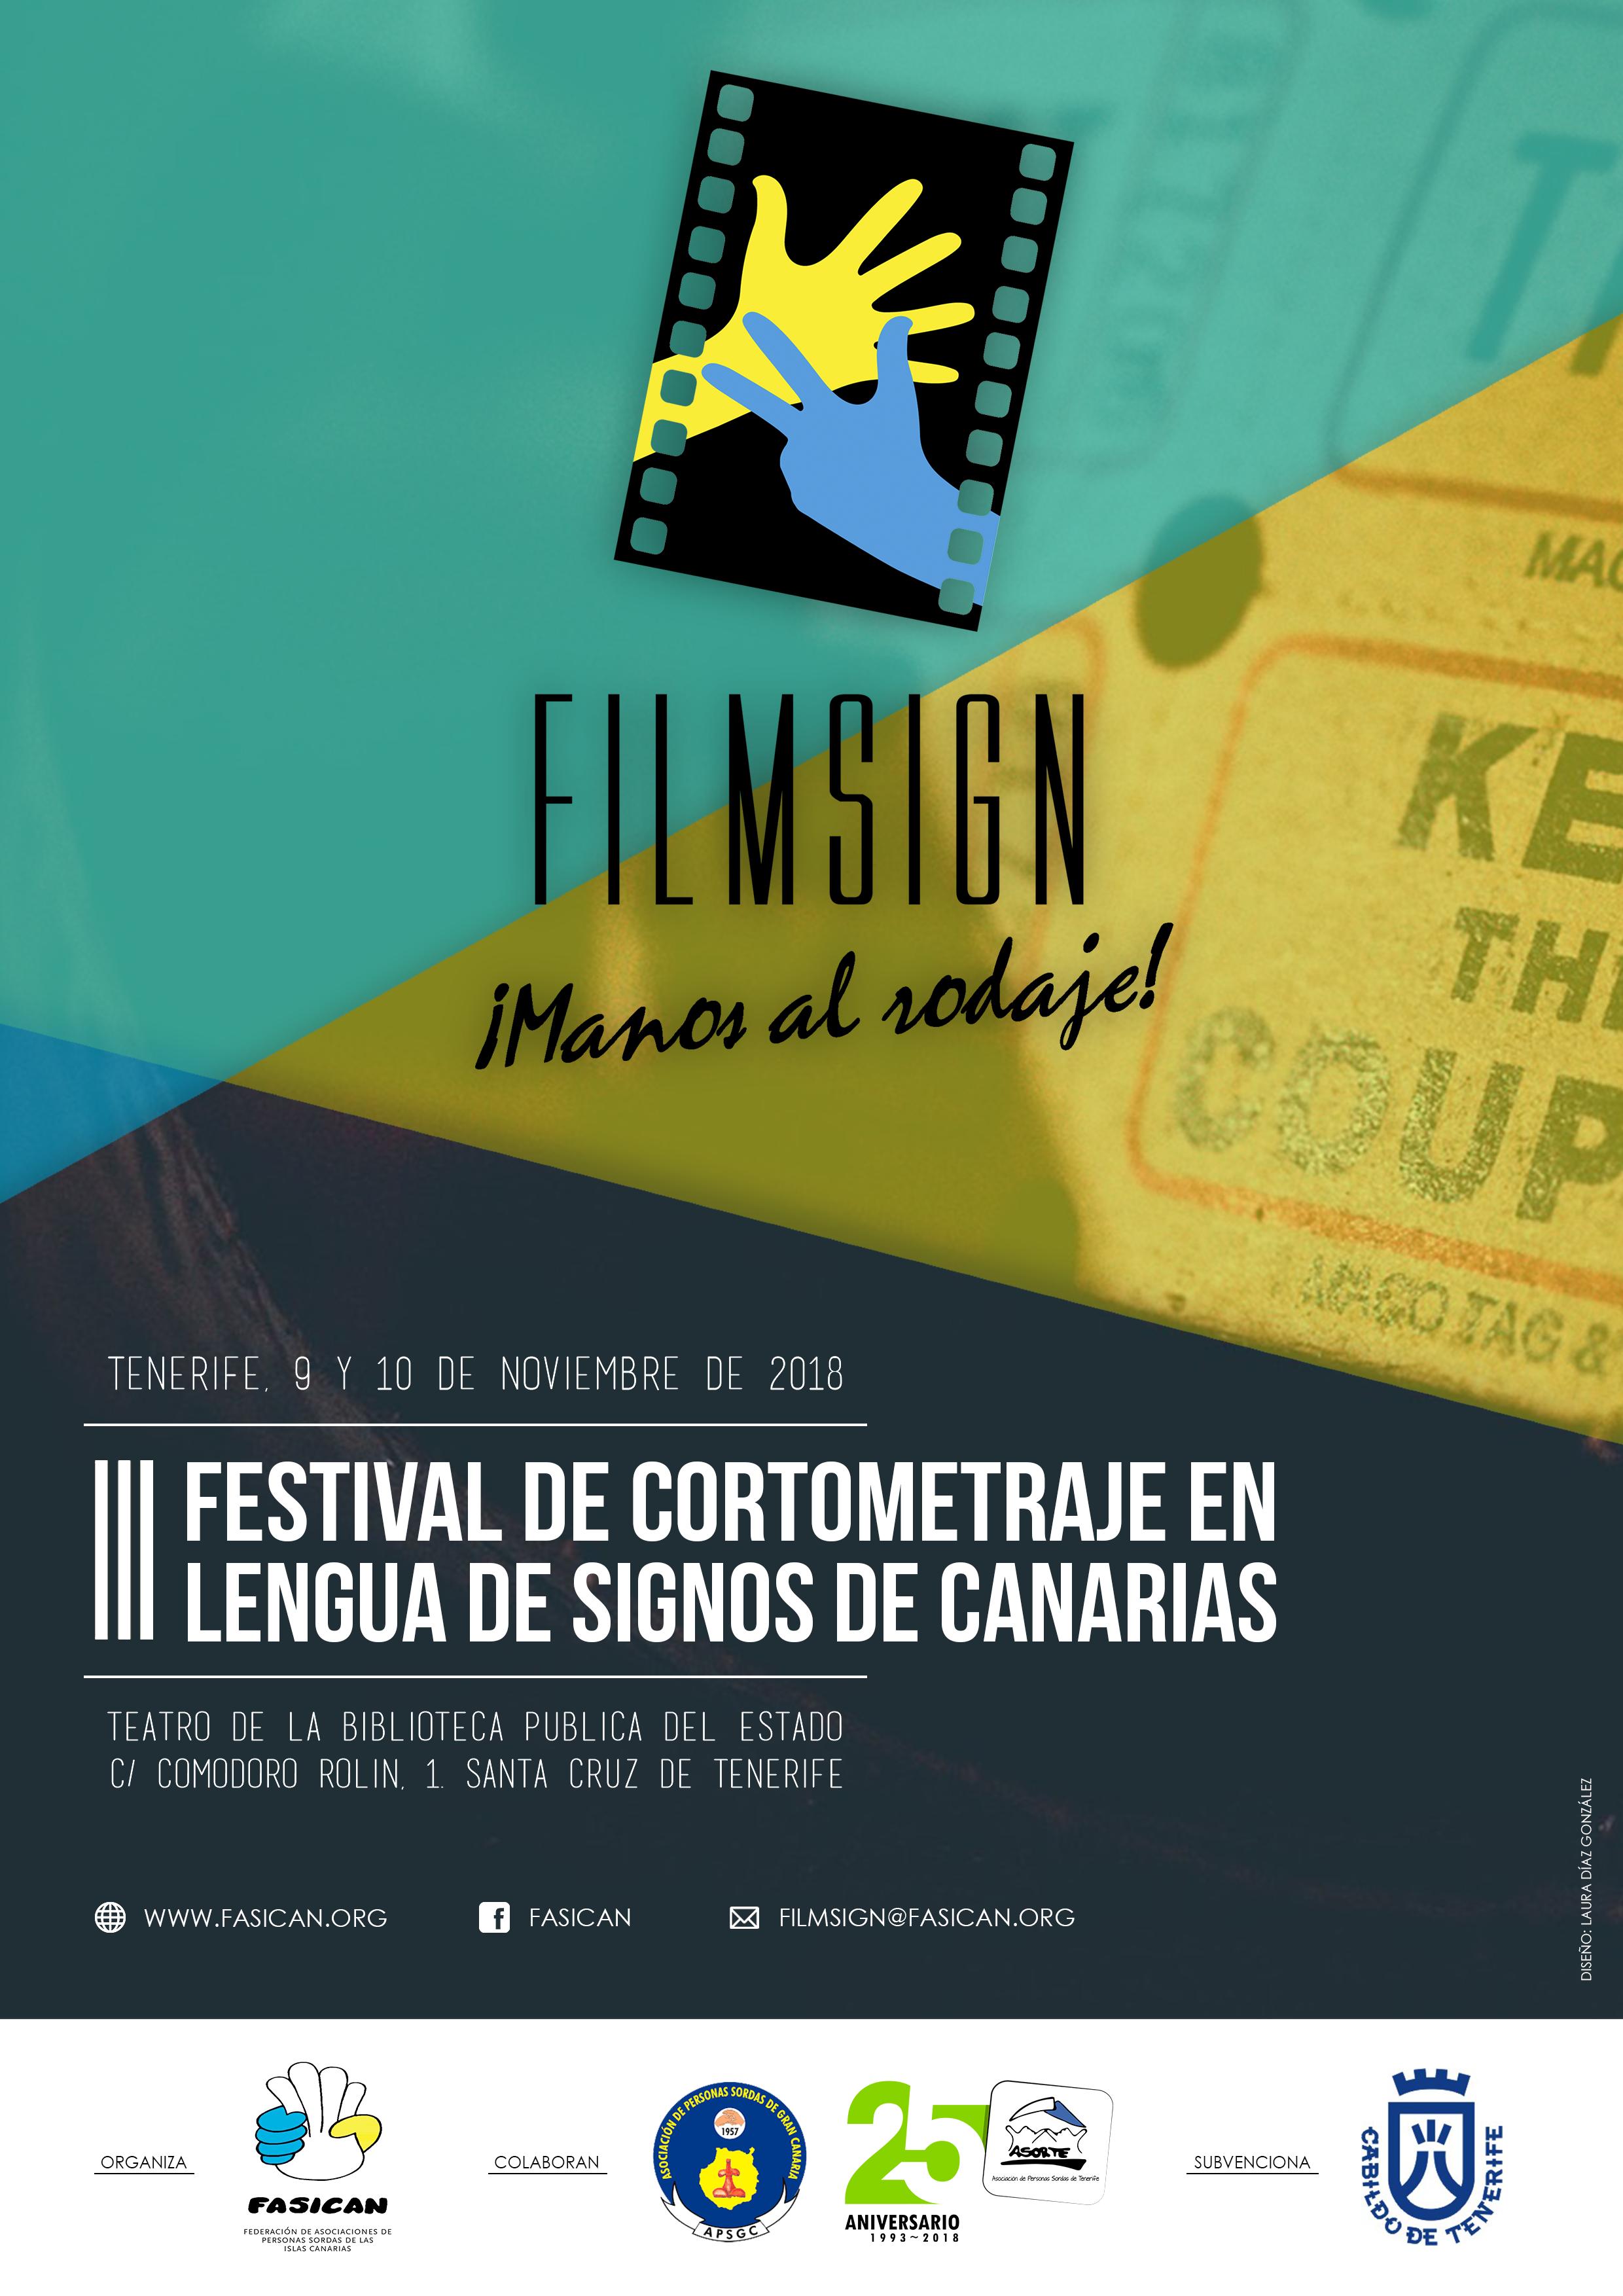 III Festival de Cortometraje en Lengua de Signos de Canarias - Santa Cruz de Tenerife, 9 y 10 nov'18  CARTEL_OFICIAL